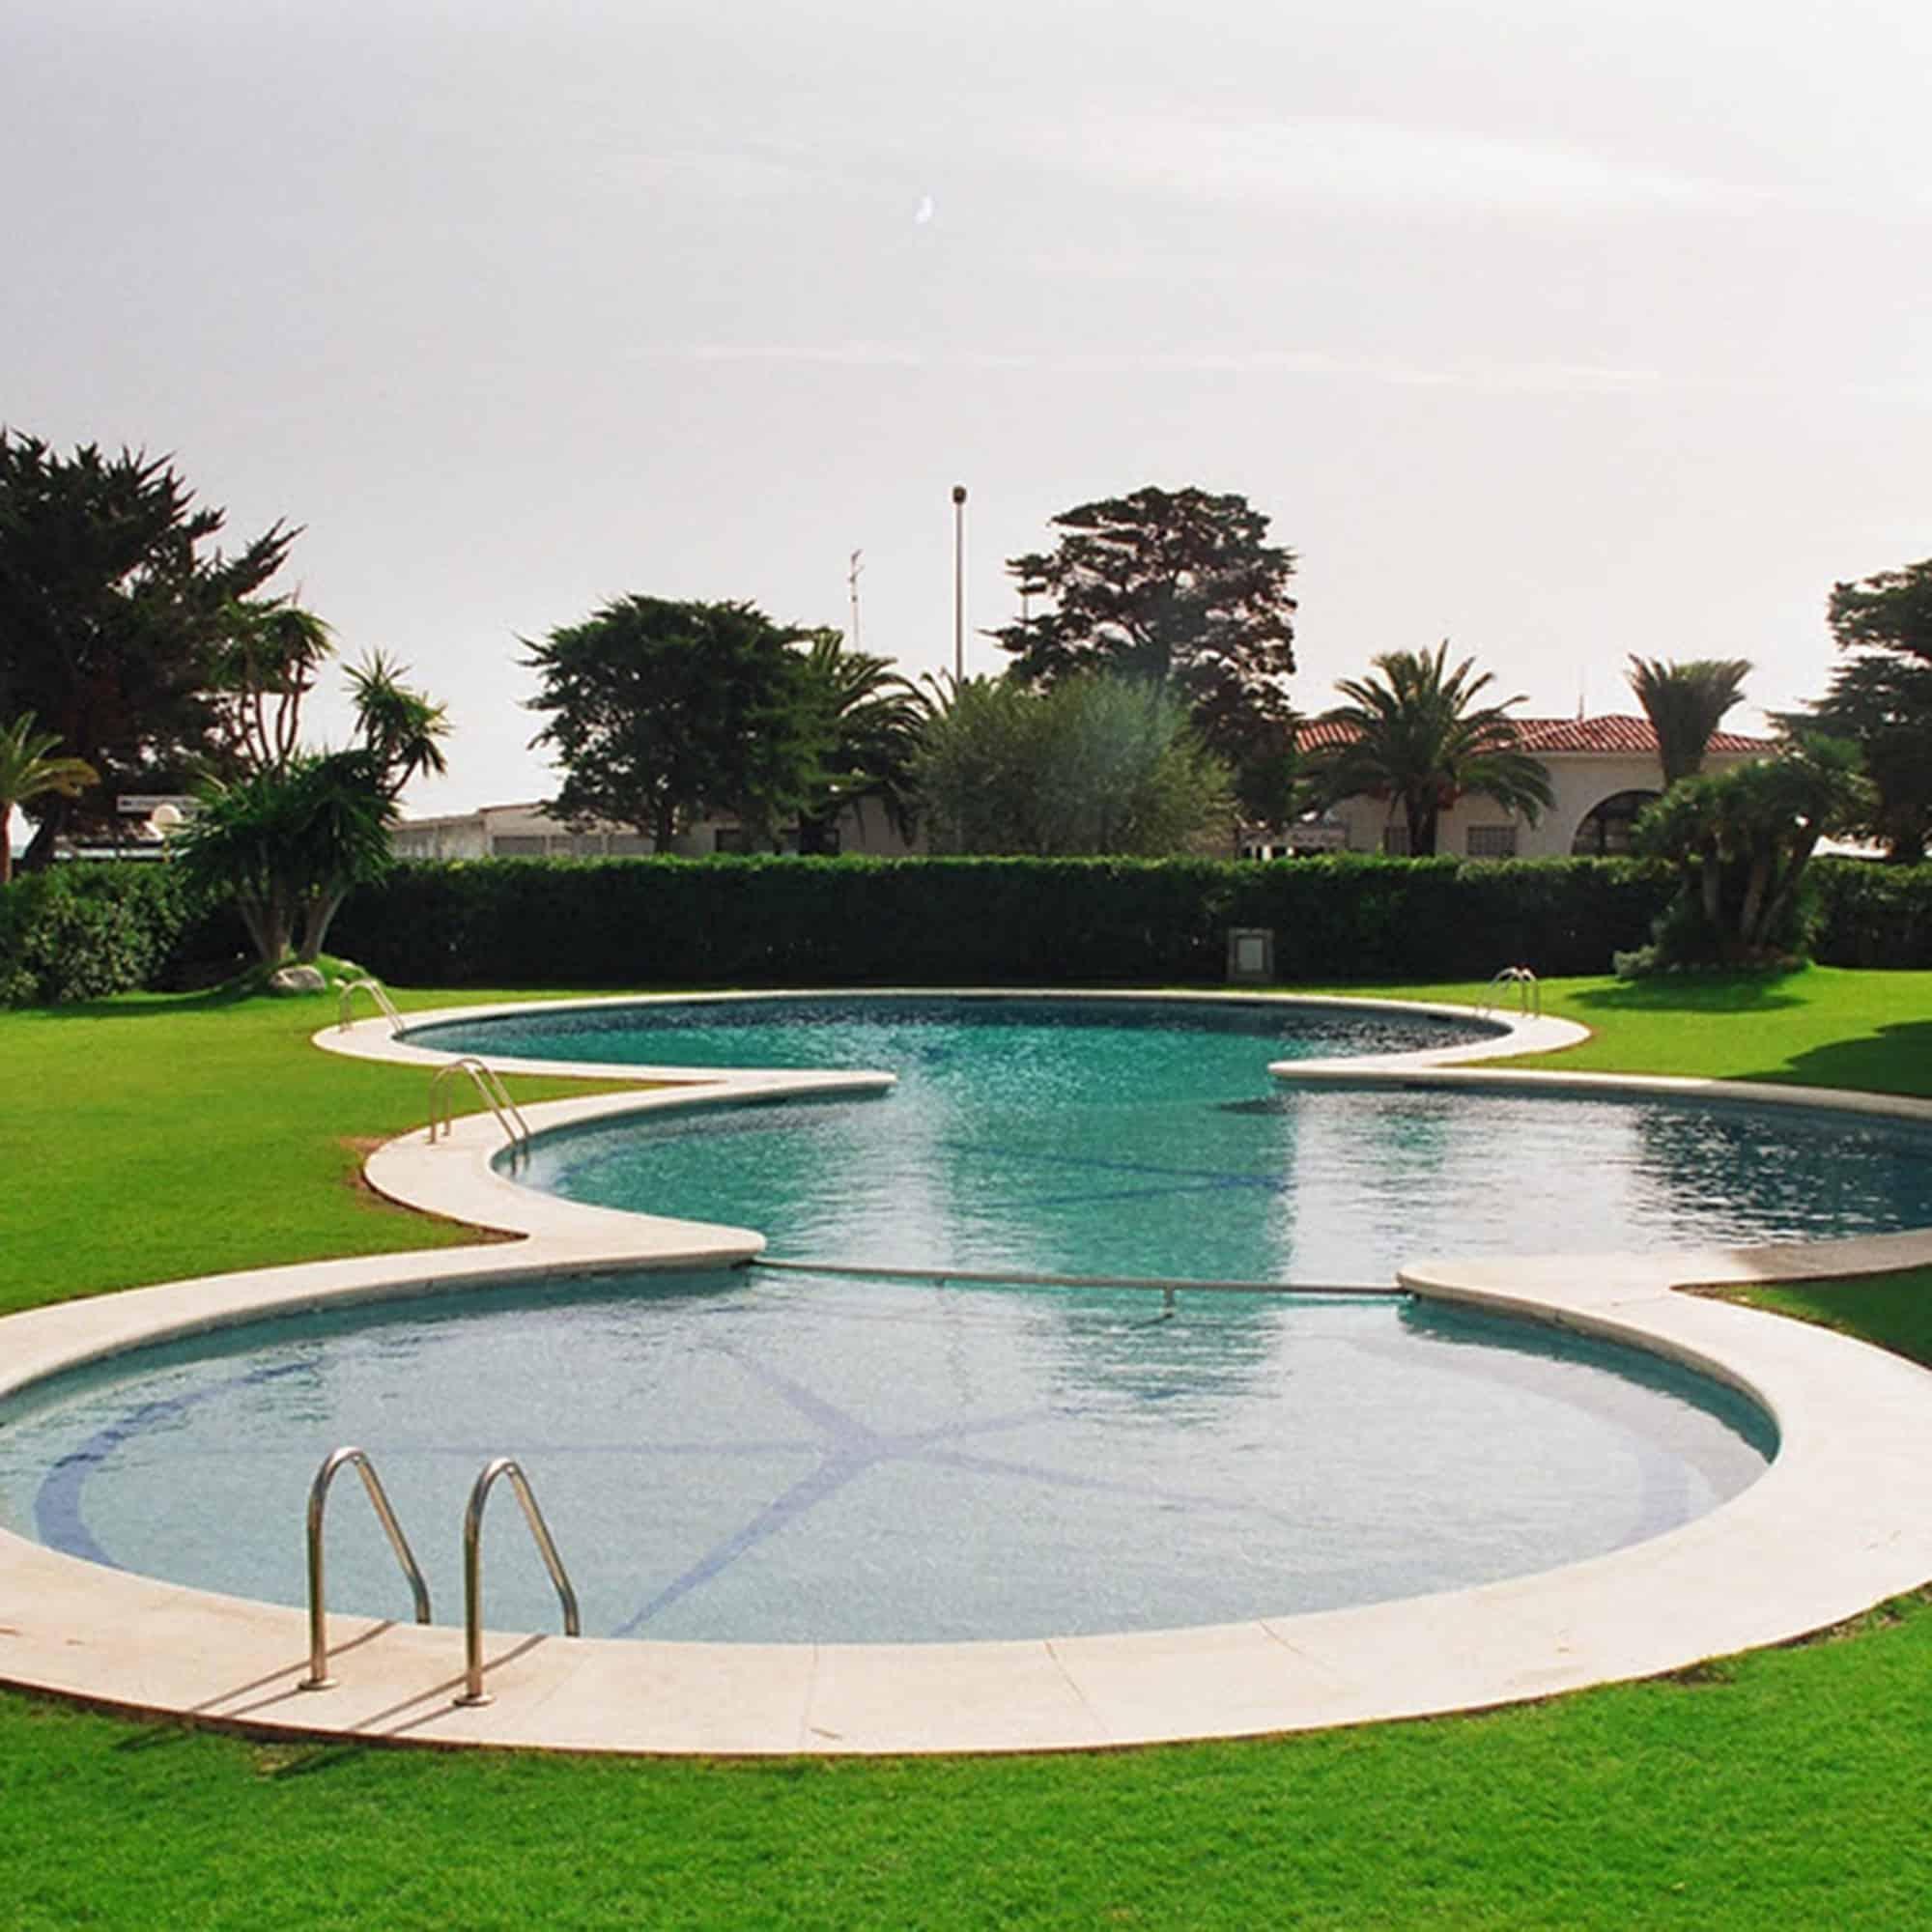 Piedra de piscina